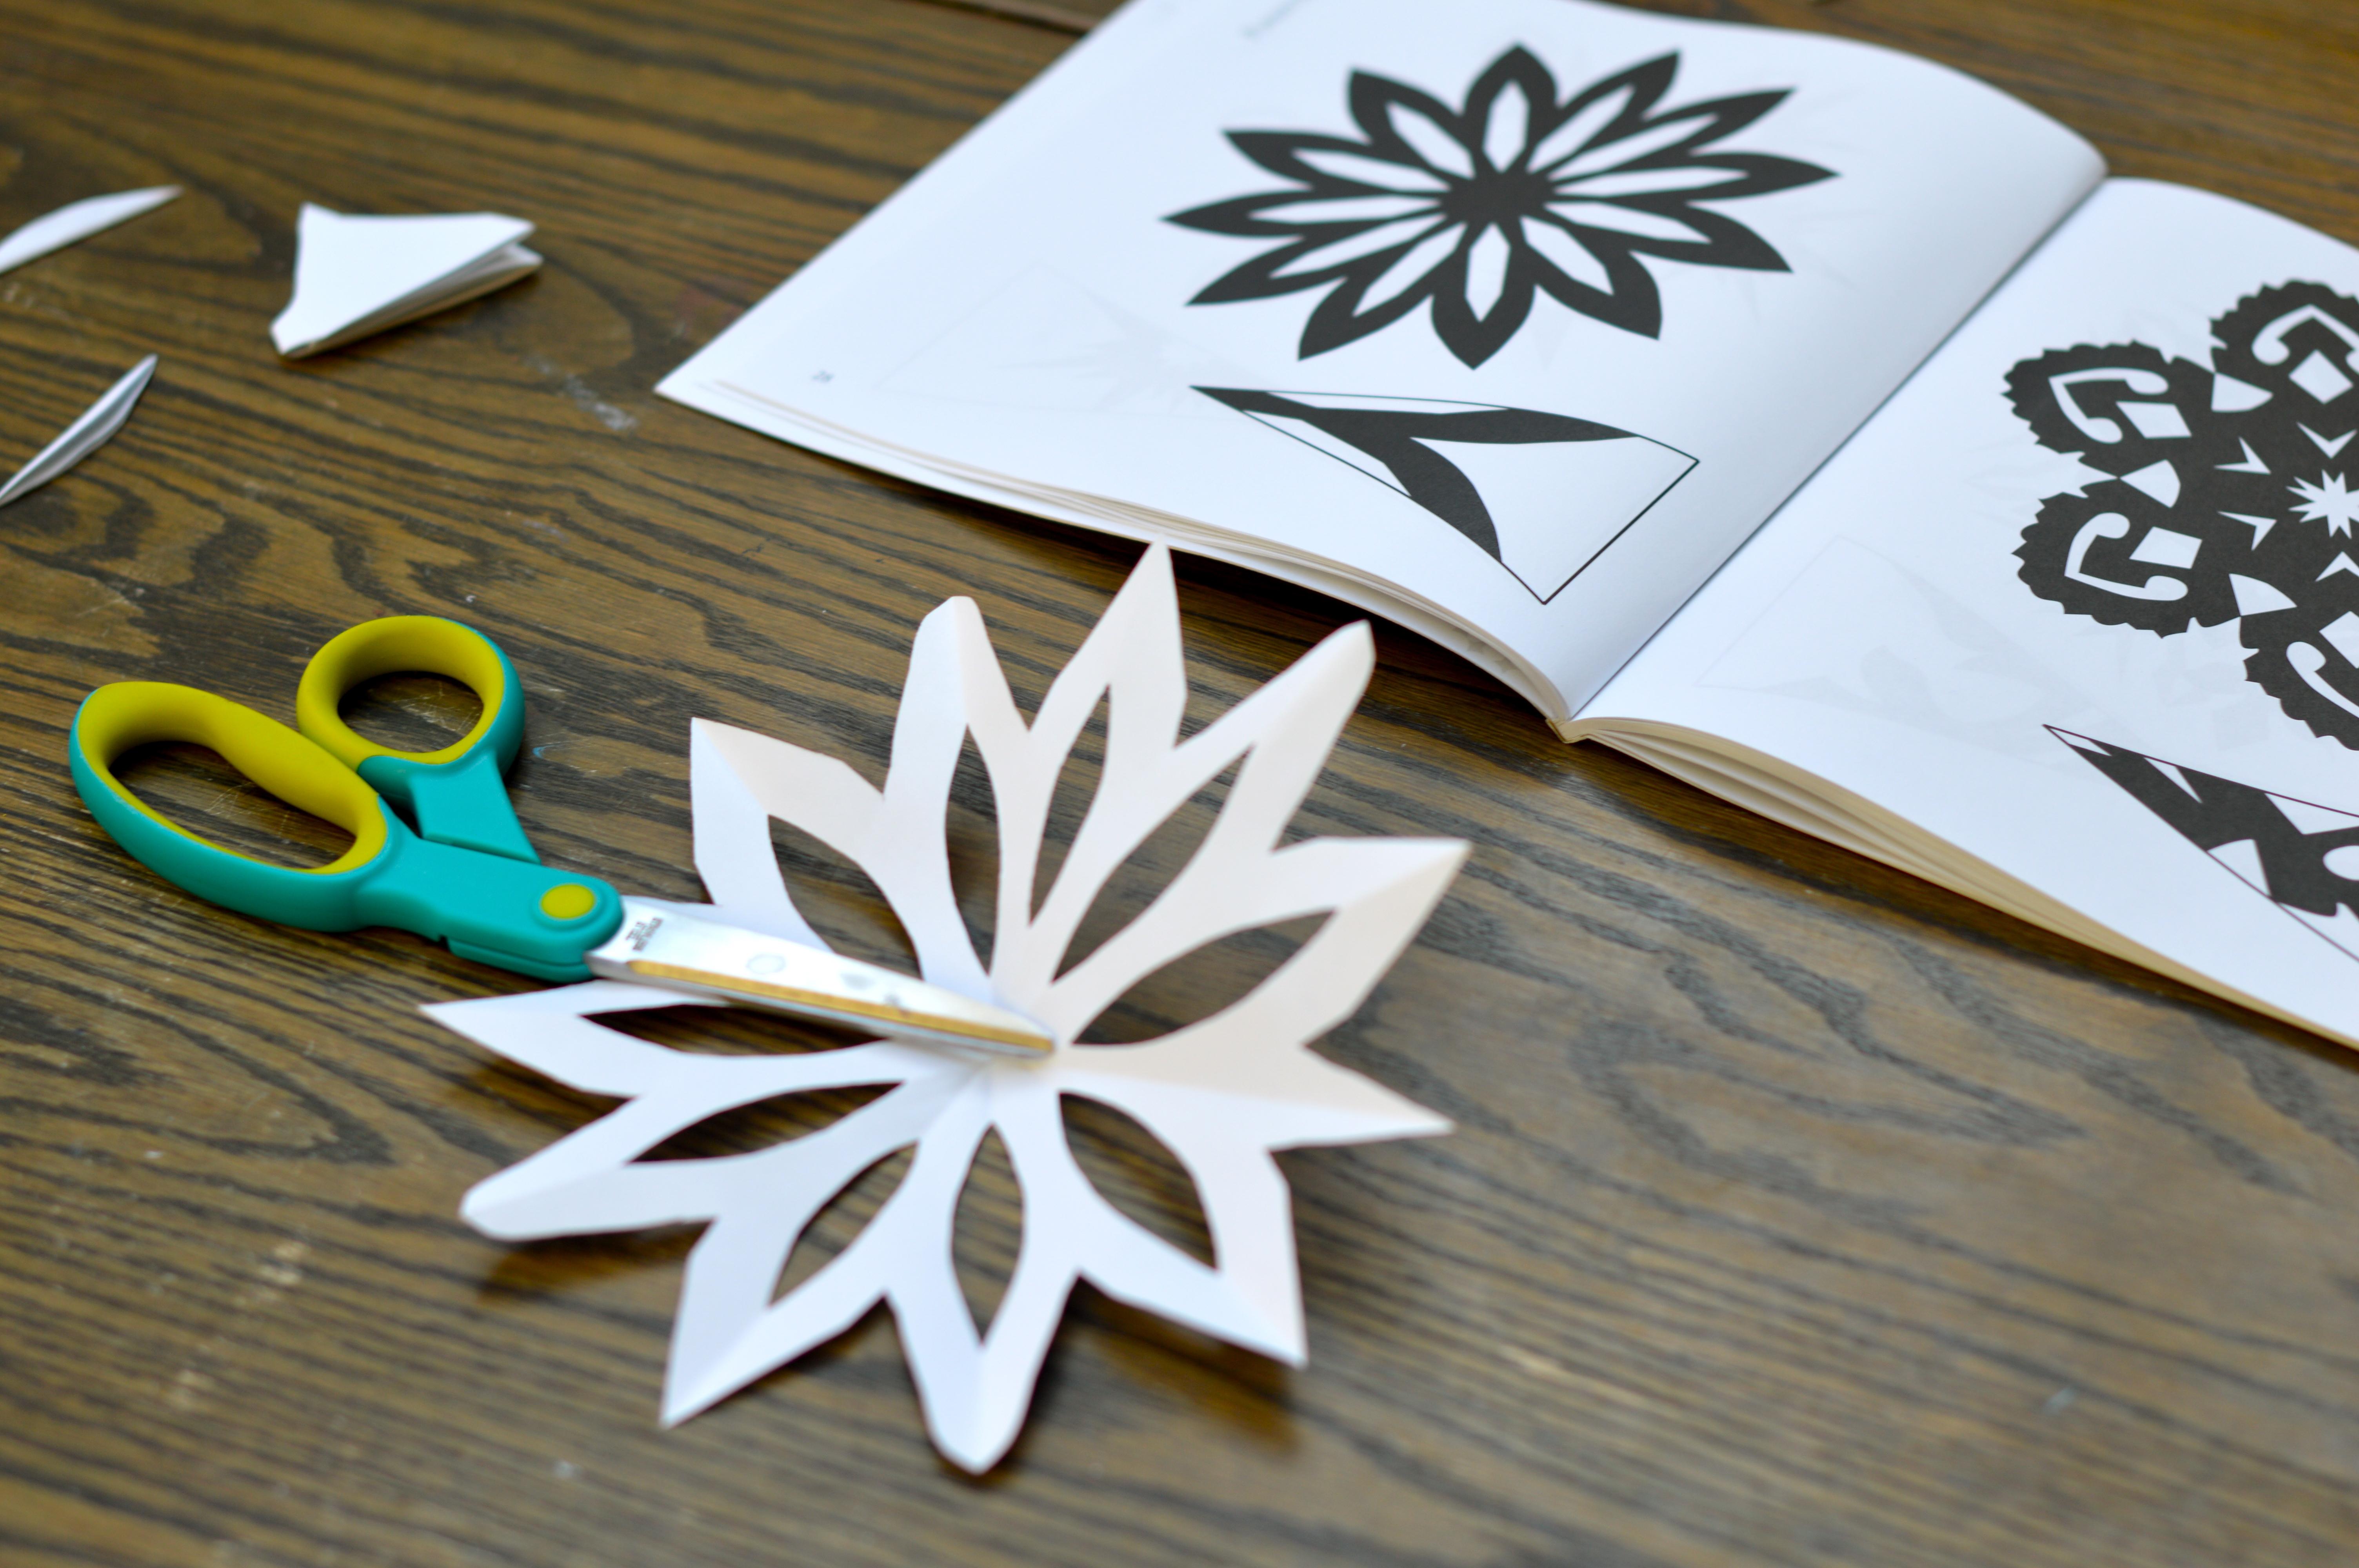 Buy paper snowflakes